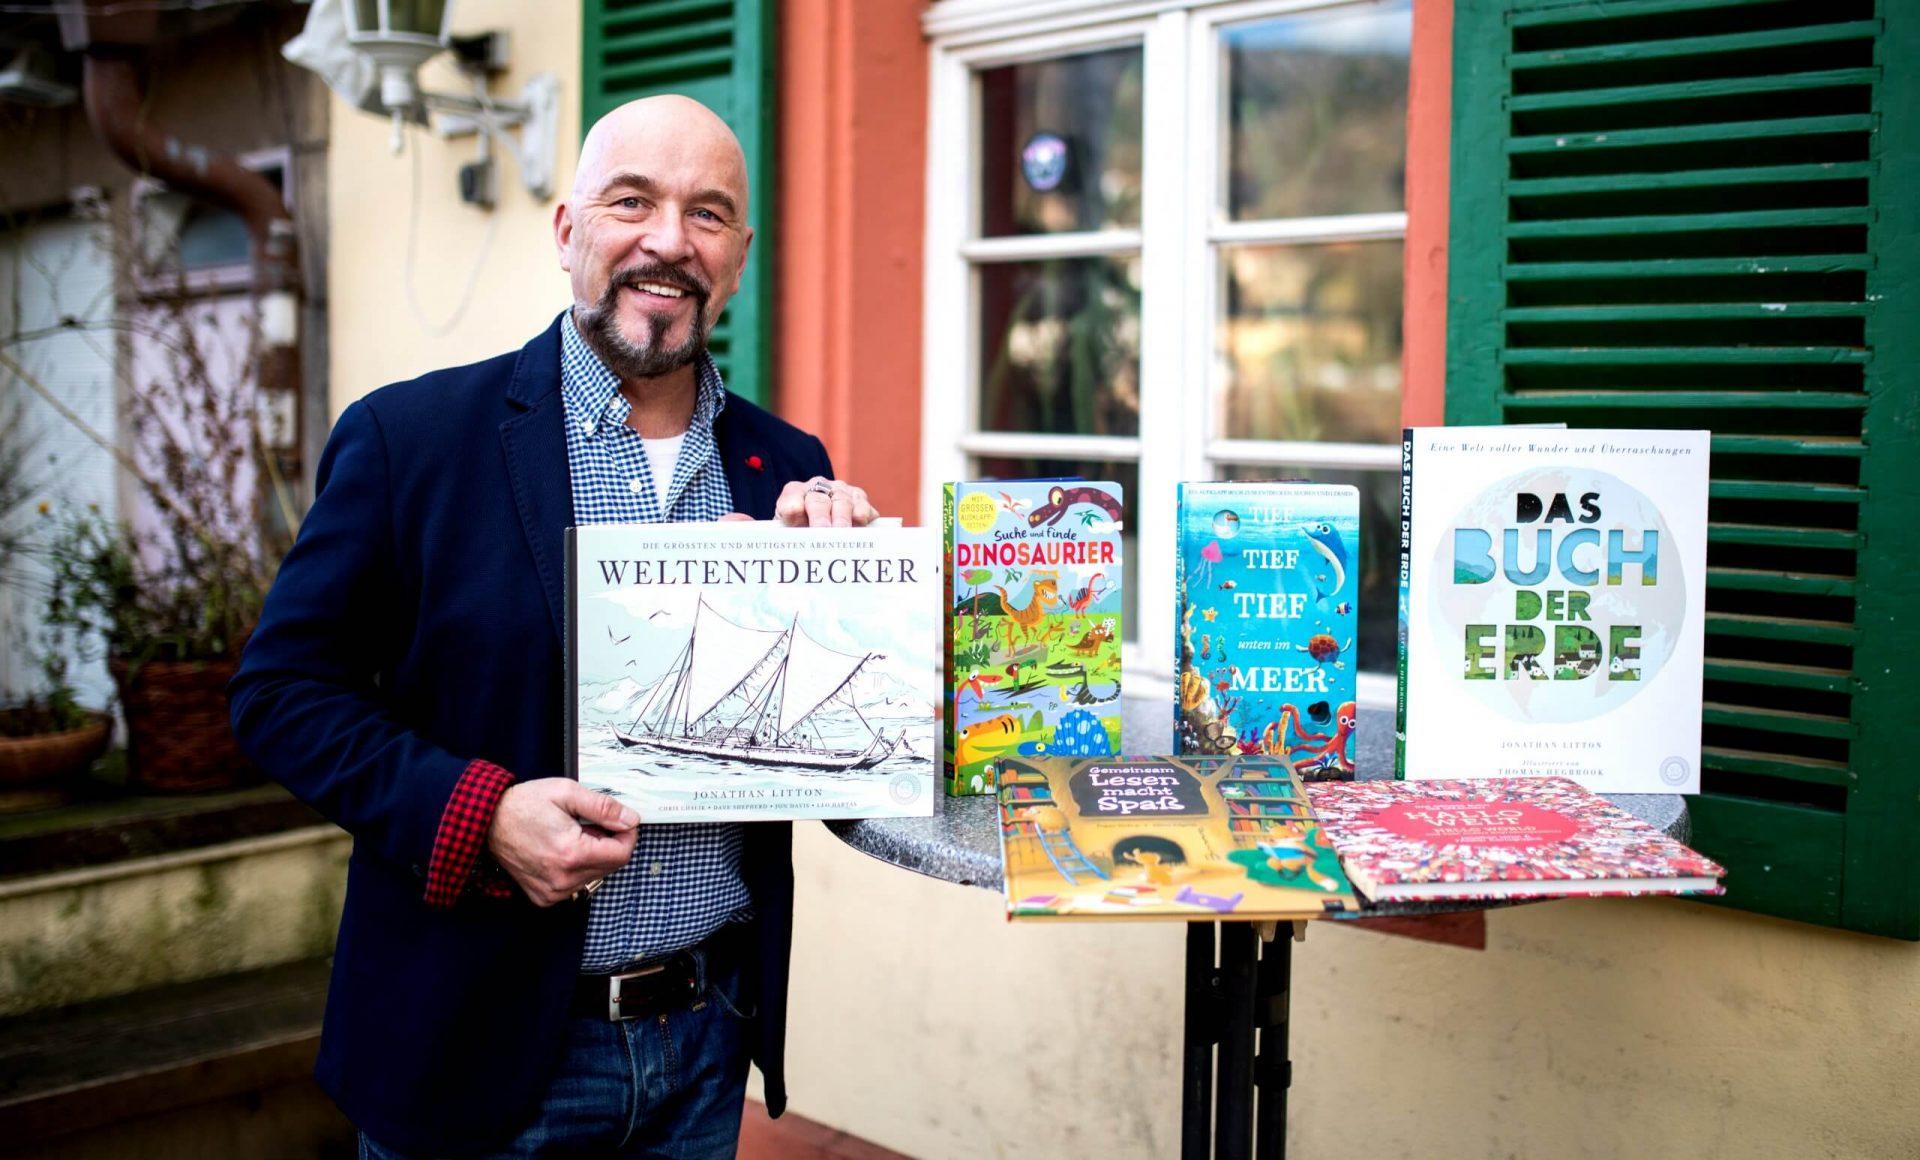 Verleger Harald Kiesel mit einer Auswahl von Büchern des 360 GRAD VERLAGS (c) 360 Grad Verlag / Tobi Dittmer